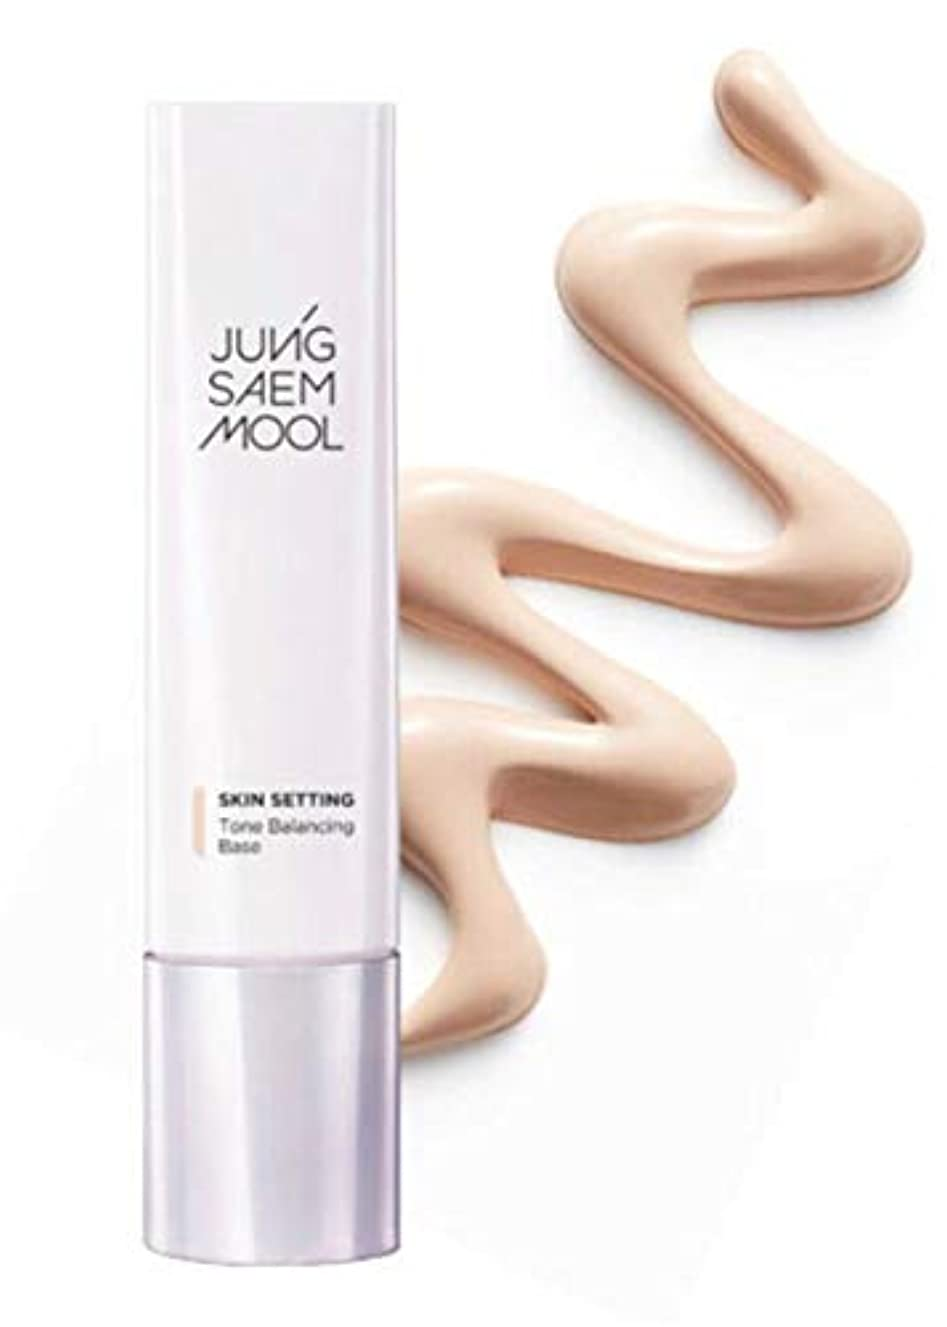 気質大脳現実[JUNG SAEM MOOL] Skin Setting Tone Balancing Base 40ml / ジョンセンムル スキン セッティング トーン バランシング ベース [並行輸入品]